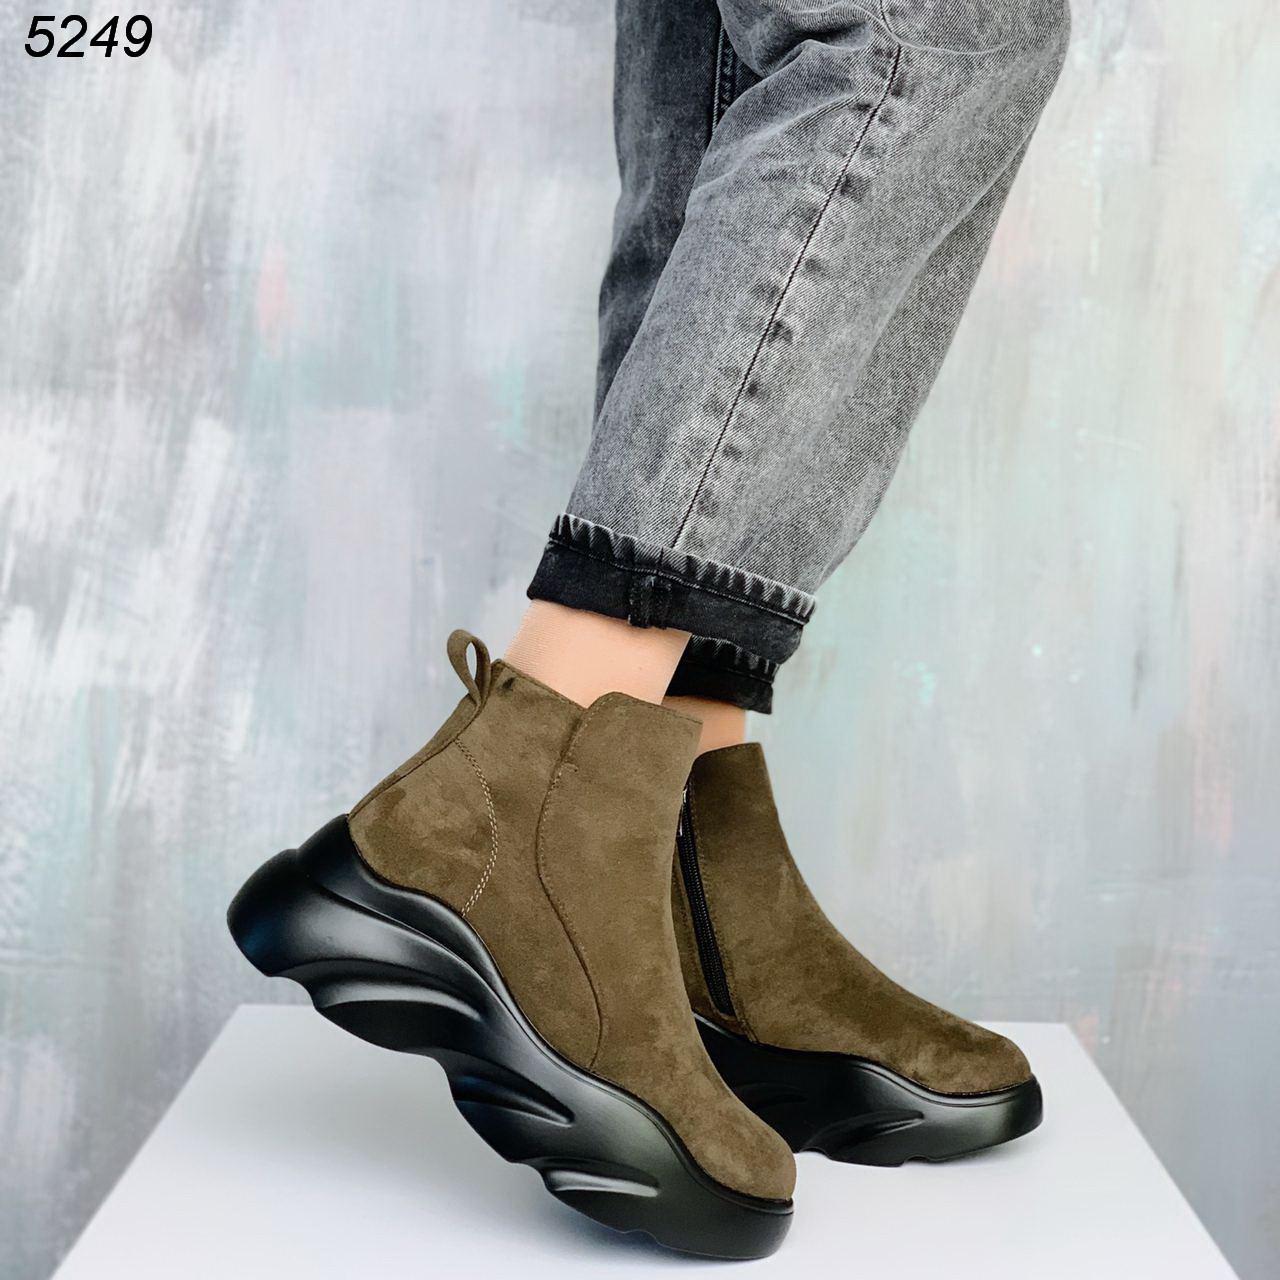 Женские зеленые ботинки Зима 5249